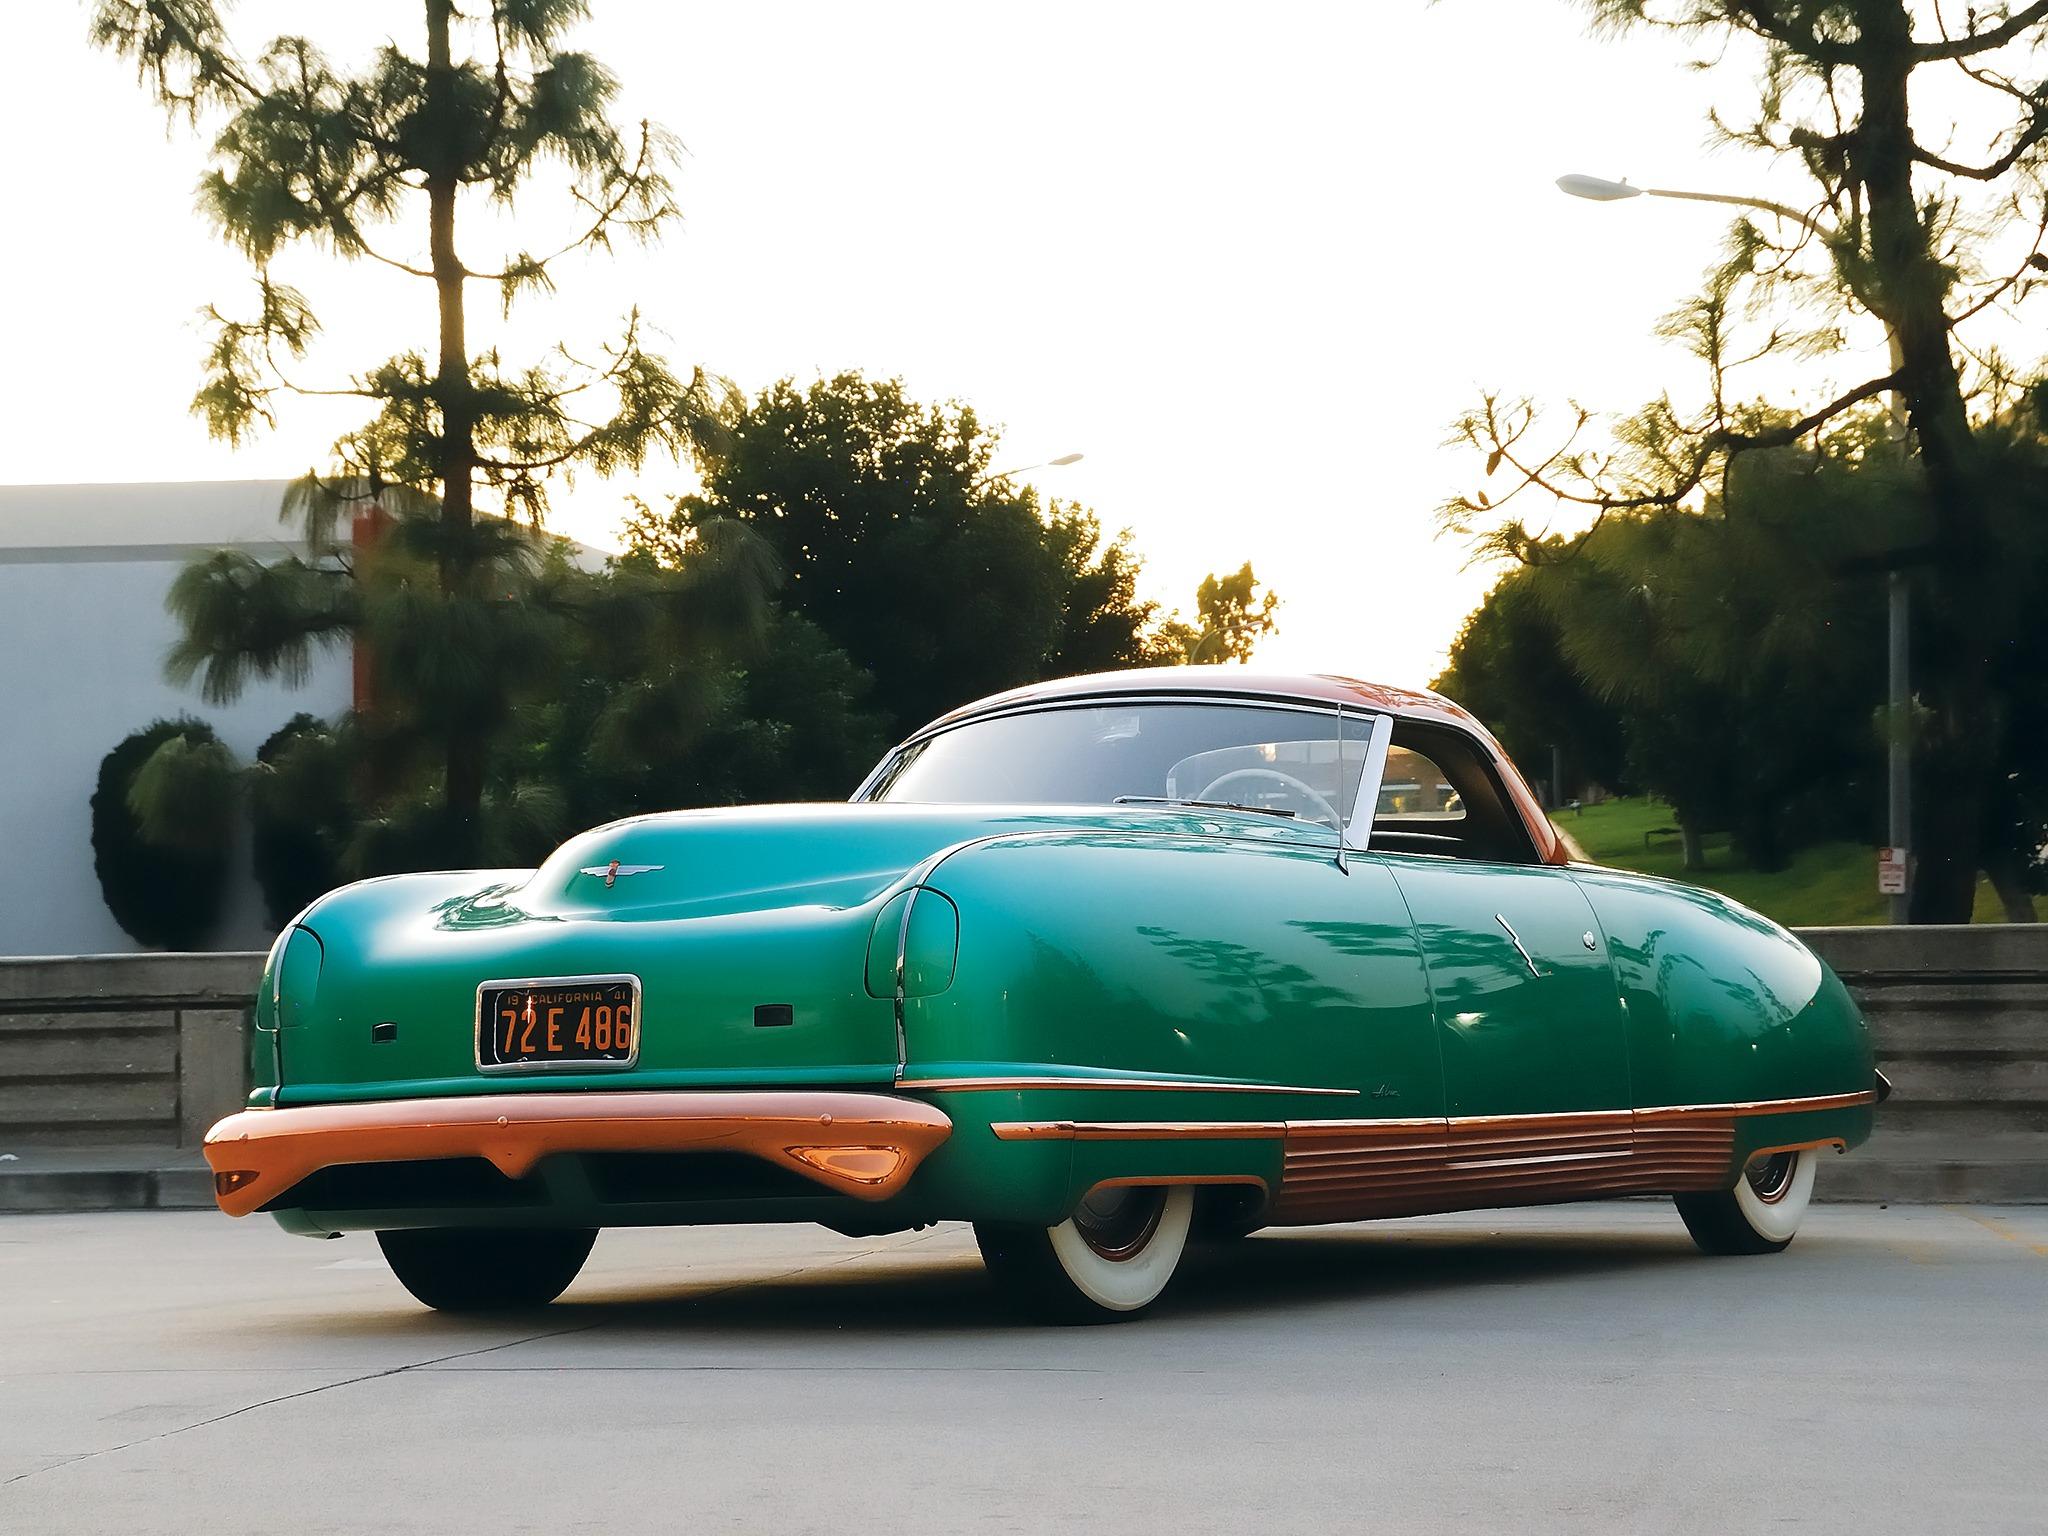 Chrysler Dealer Near Me >> Chrysler Thunderbolt Concept Car (1940) - Old Concept Cars